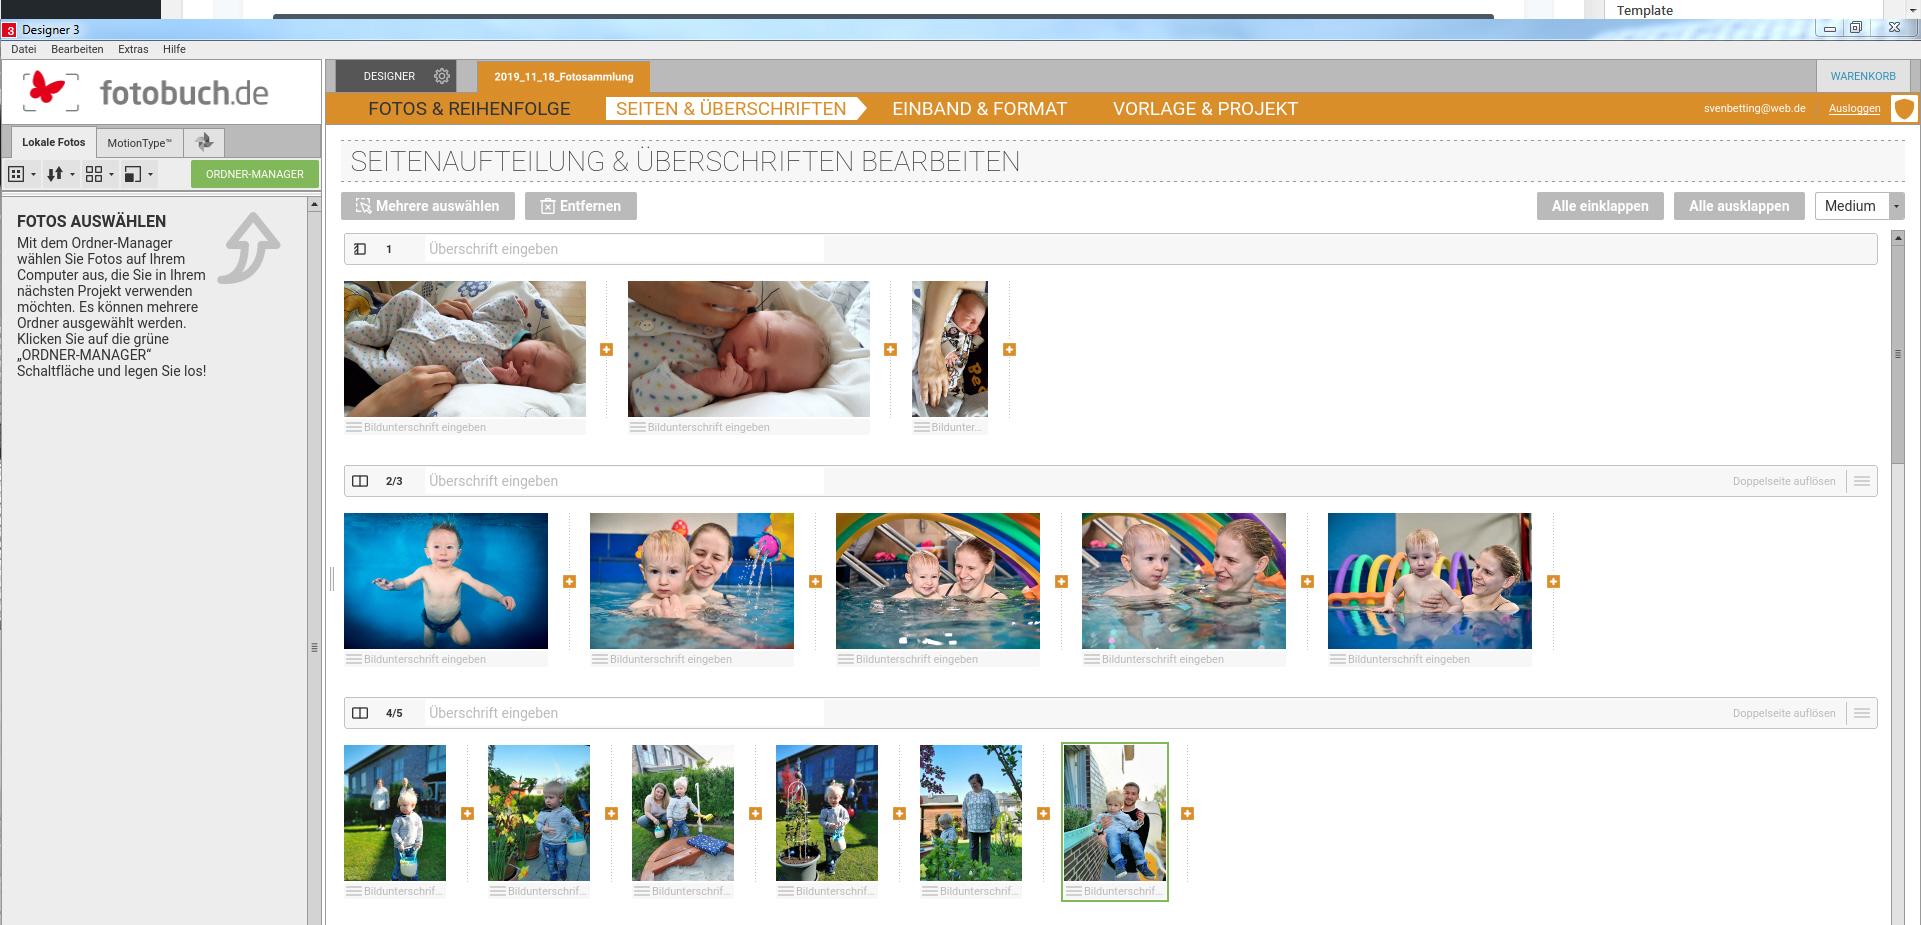 Beim DESIGNER 3 werden die Fotos vor Beginn der Gestaltung bereits auf Seiten verteilt. Dies ist ein Gewinn an Übersichtlichkeit und Planbarkeit der Seiten.